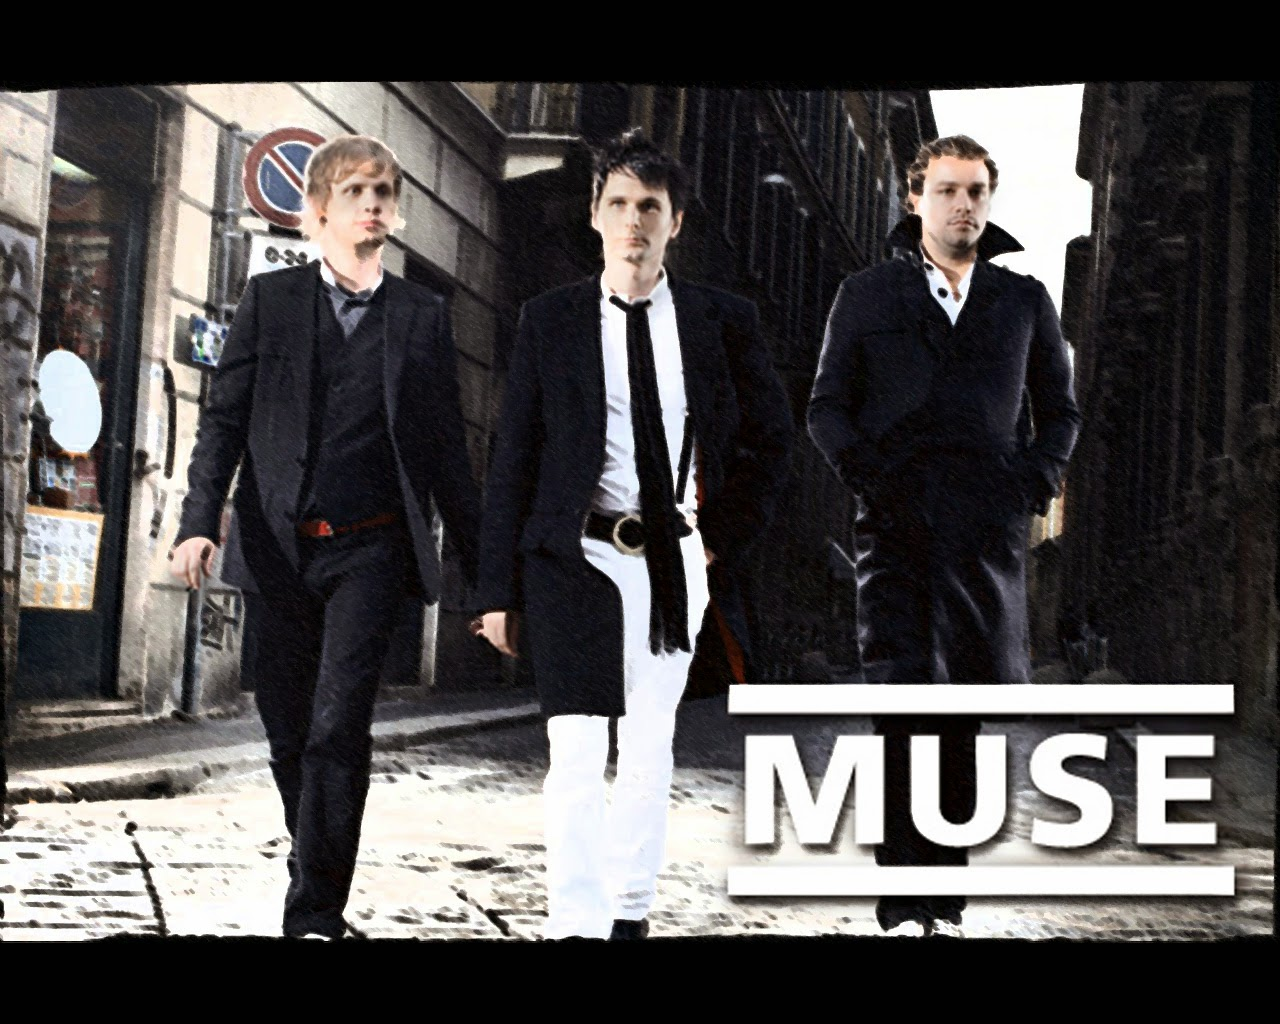 Daftar 12 Lagu Muse Terbaik dan Terpopuler